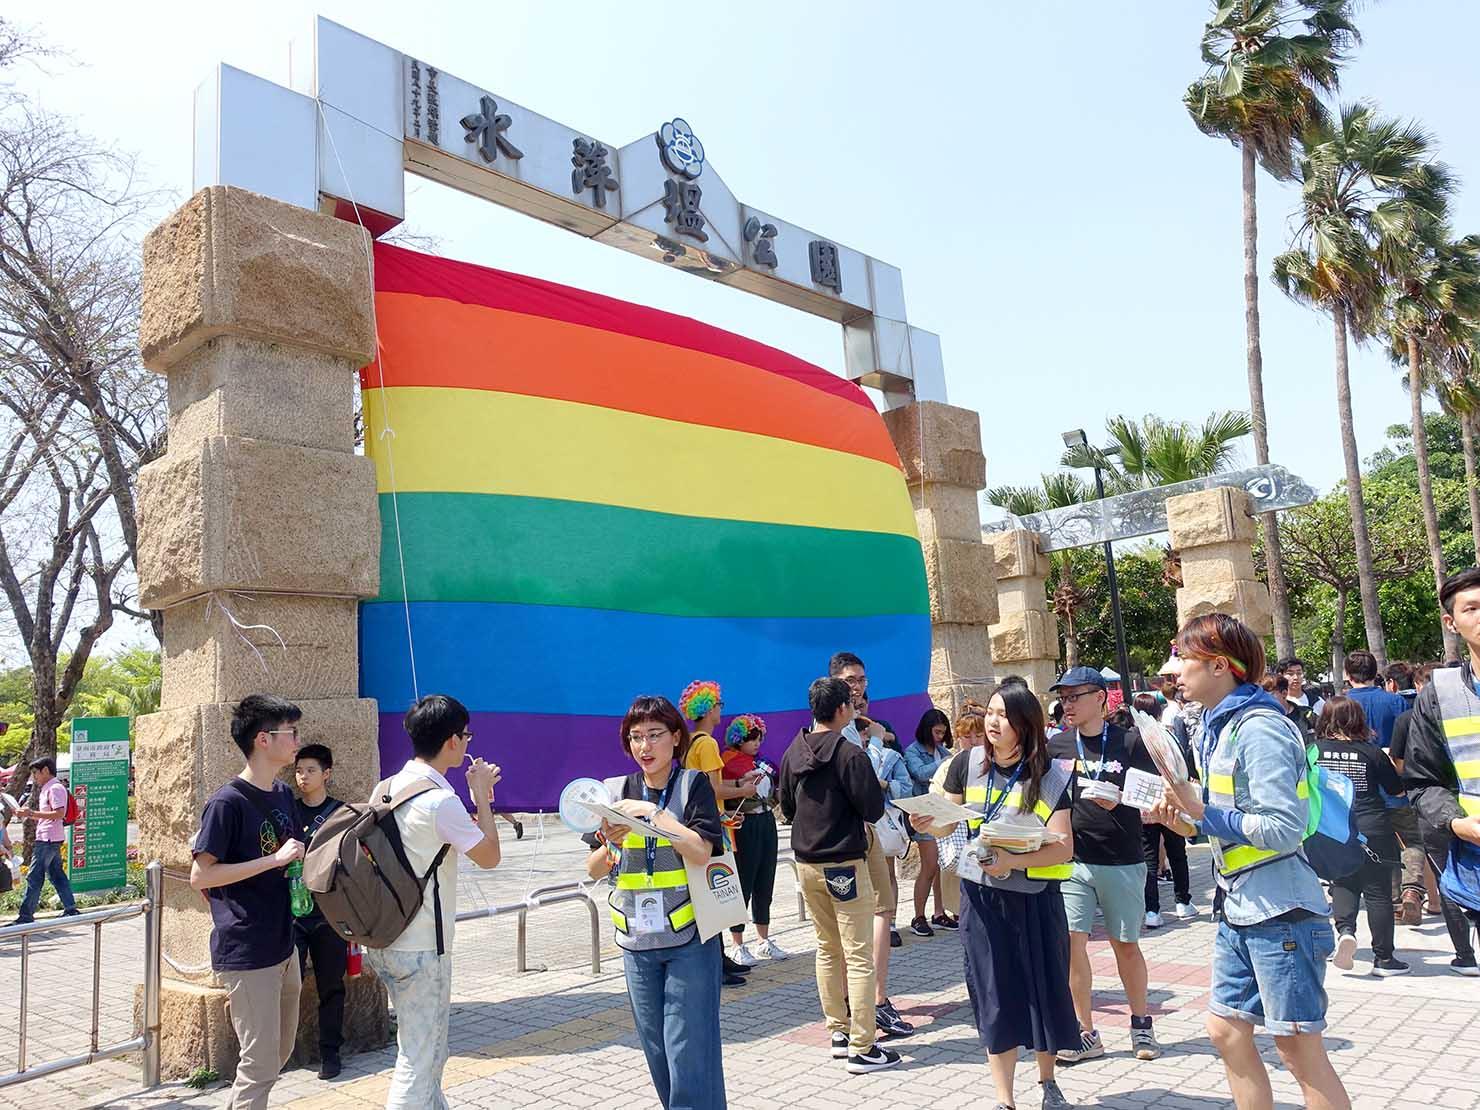 2018年台湾最初のLGBTプライド「台南彩虹遊行(台南レインボーパレード)」会場前の巨大レインボーフラッグ